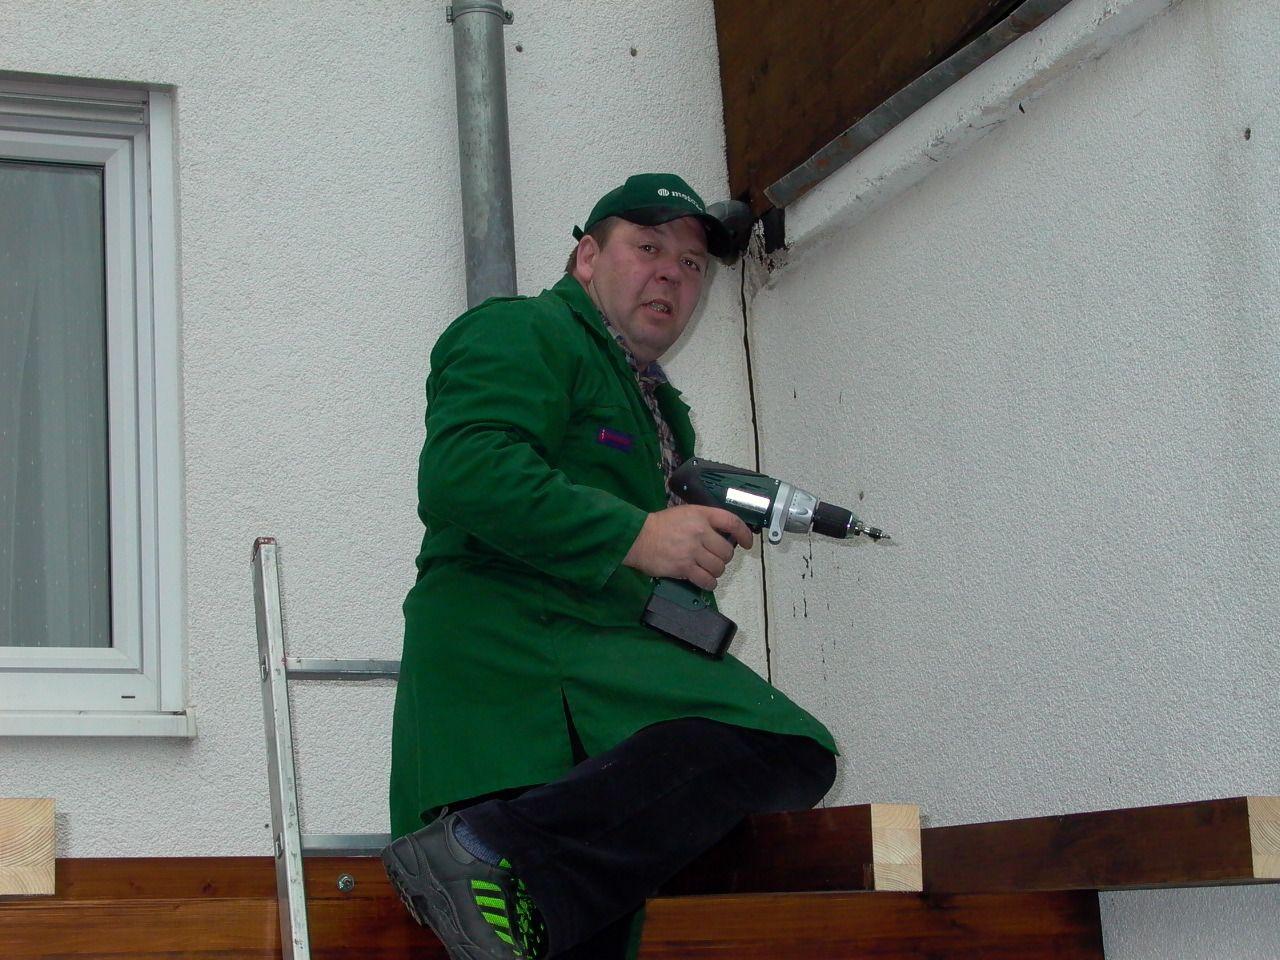 Befestigen von Sparren des Vordachs im Werkstatteingang mit neuem Schrauber